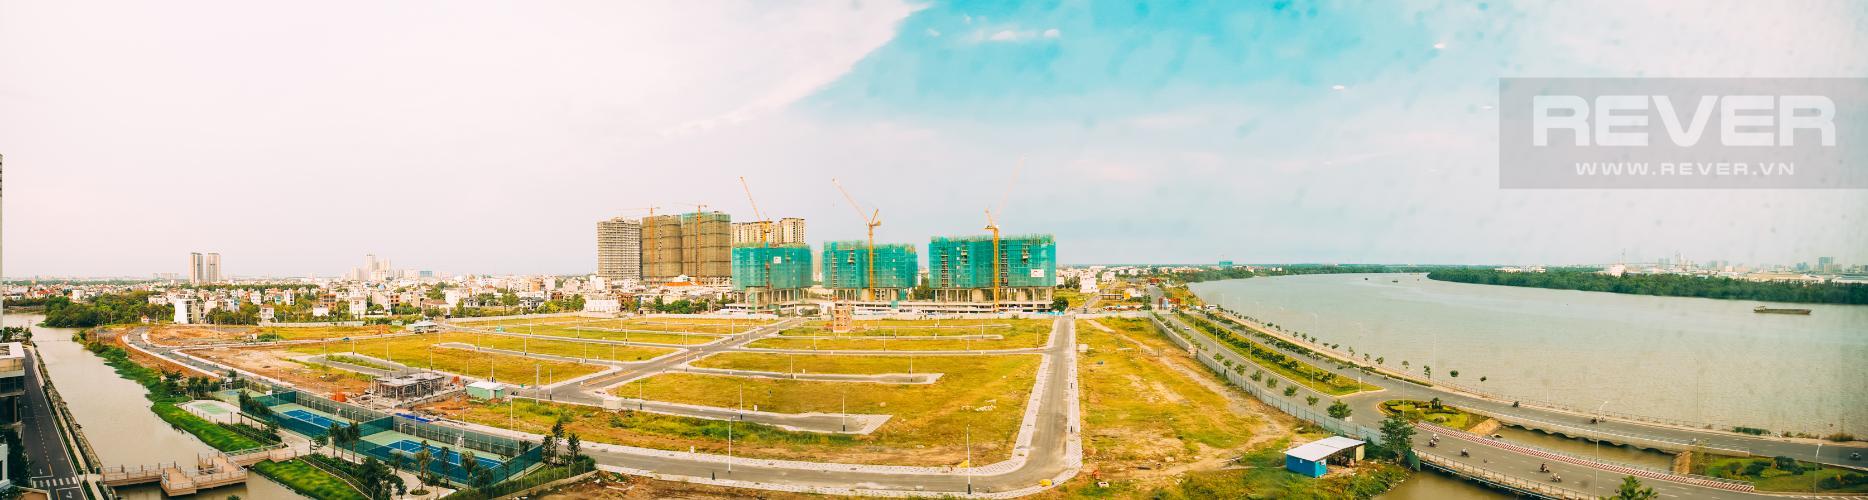 View Bán căn hộ Đảo Kim Cương tầng trung tháp Maldives, 3PN 2WC, view sông Sài Gòn mát mẻ